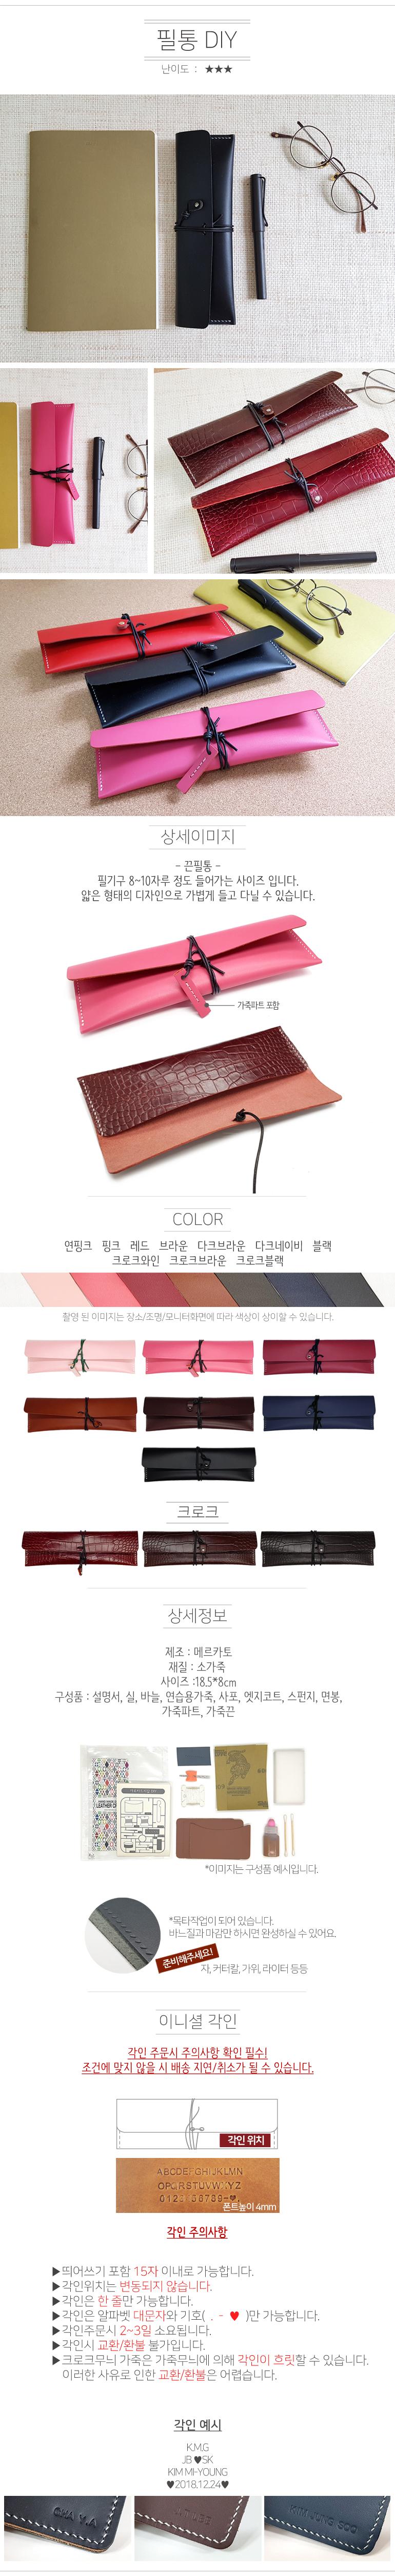 가죽공예-끈필통DIY KIT - 메르카토, 19,900원, 가죽공예, 가죽공예 패키지